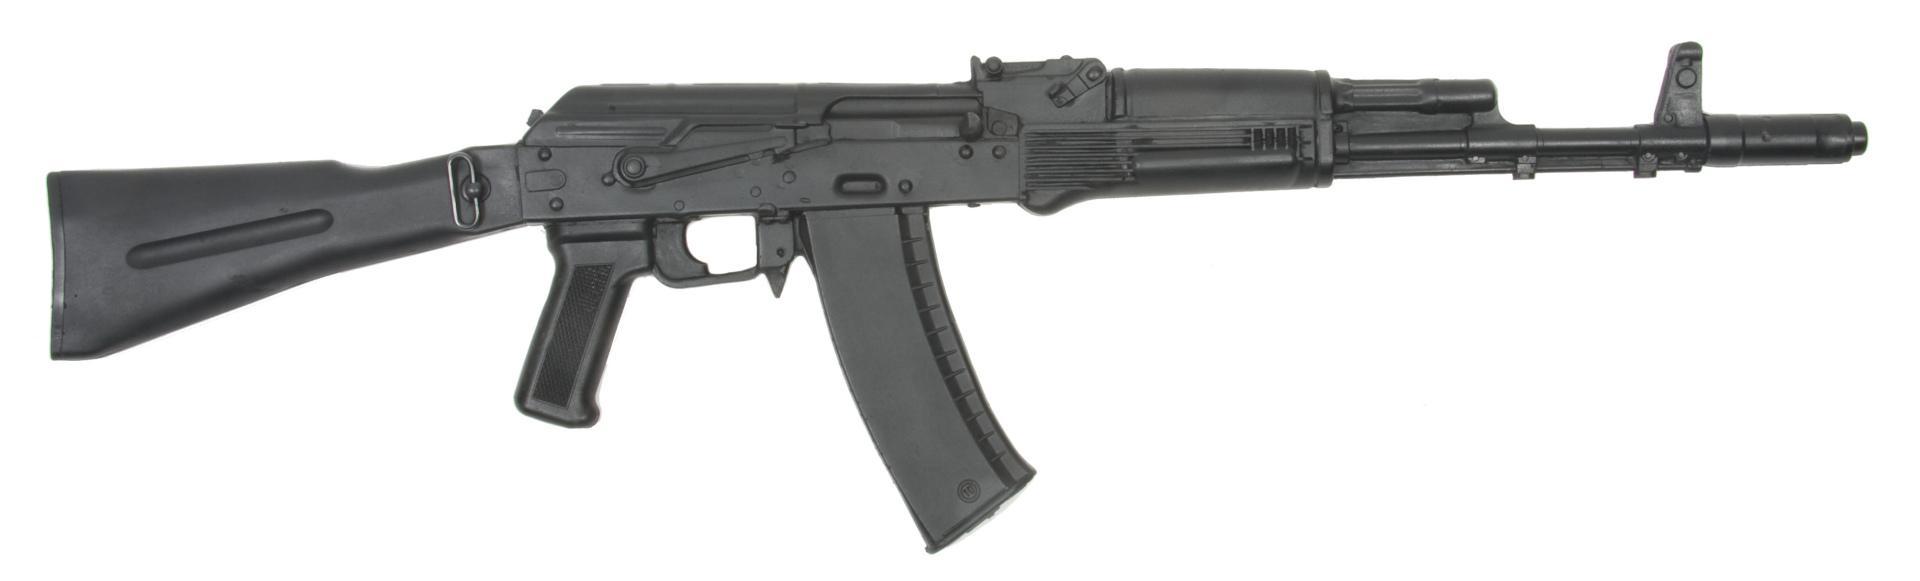 Ak-47 wallpapers HD quality